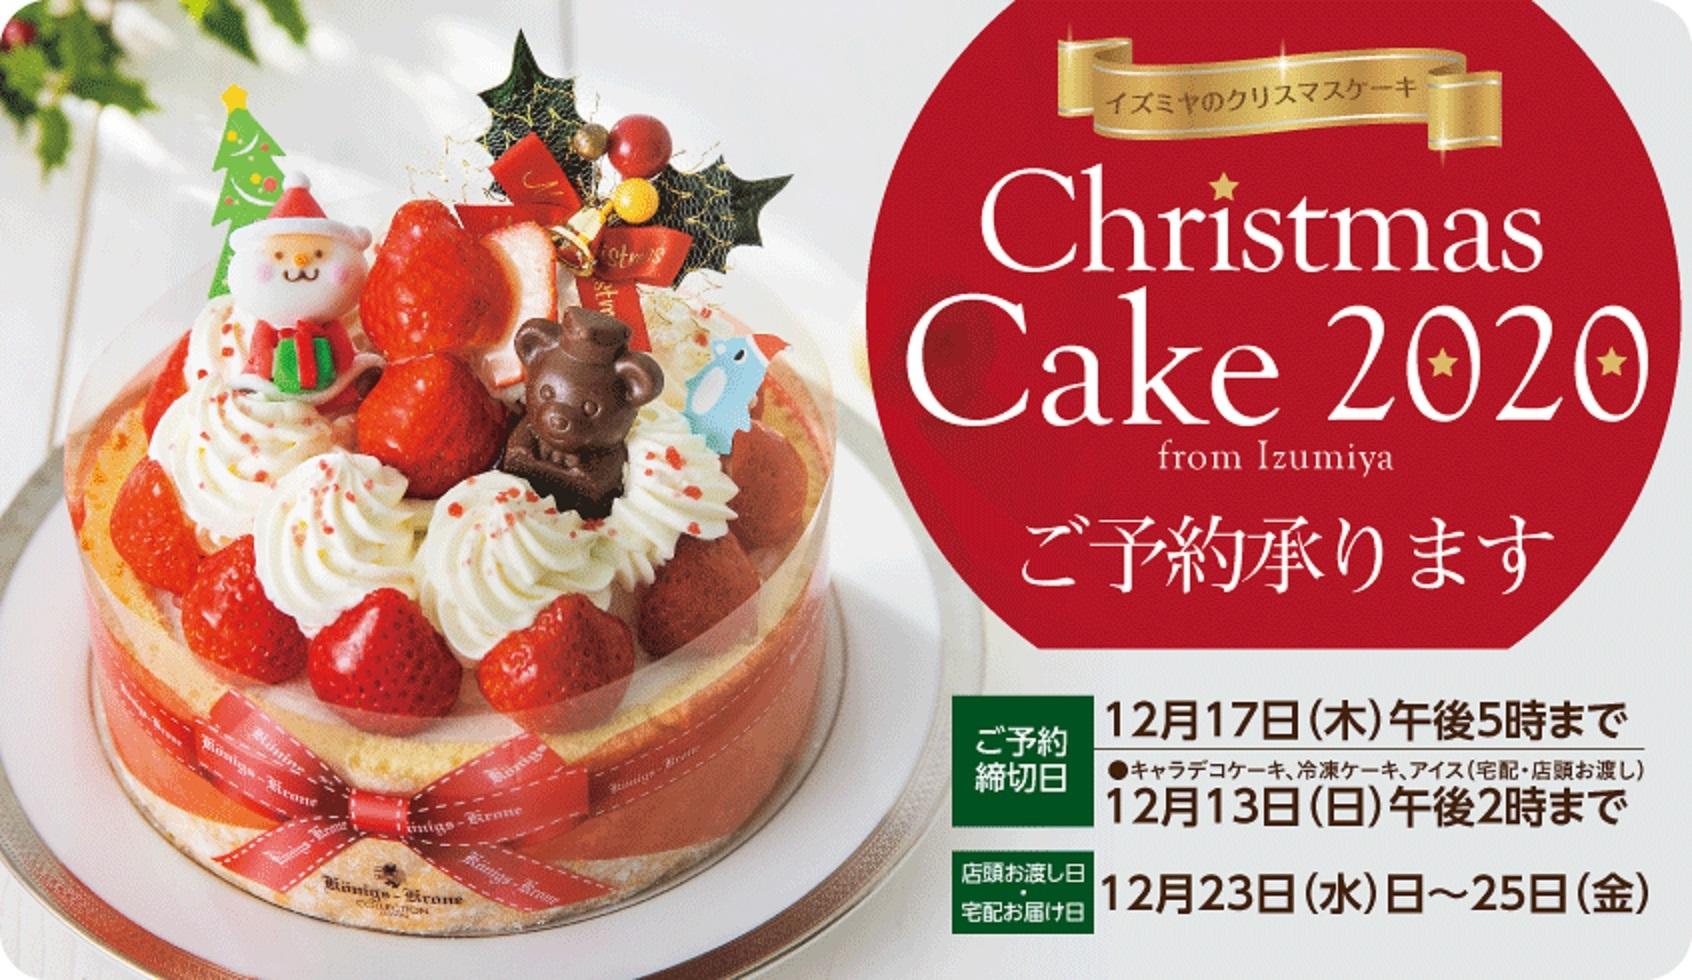 2020年 クリスマスケーキ